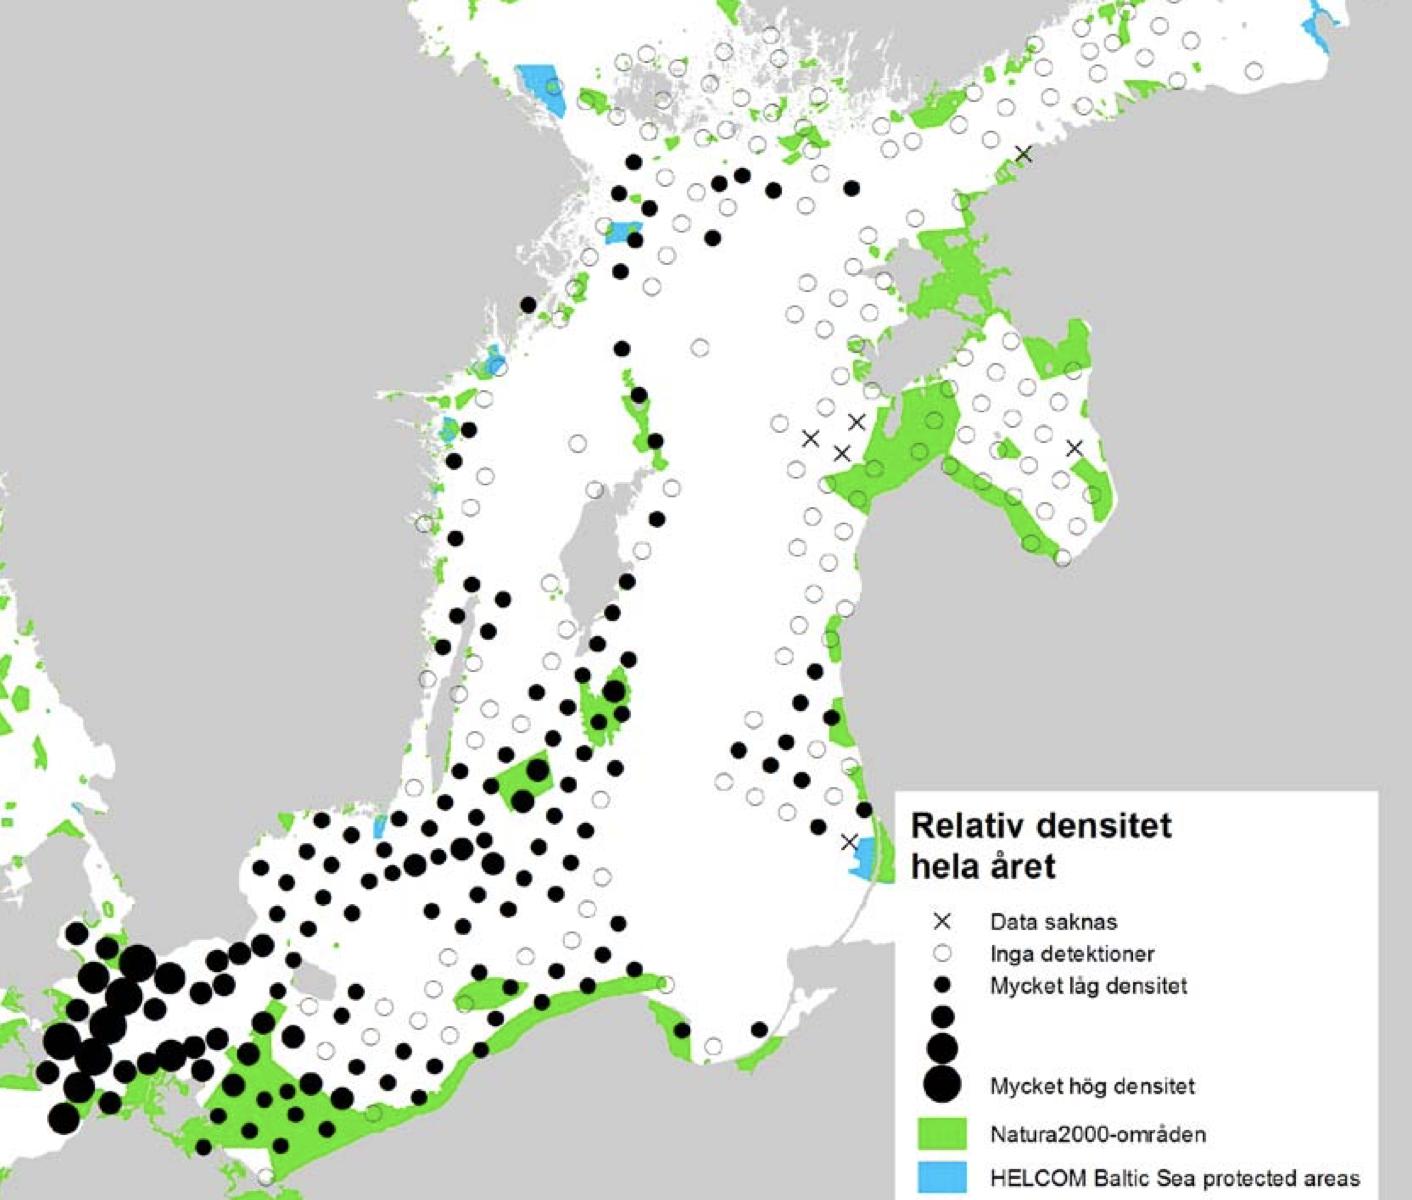 Tumlare, Östersjötumlare